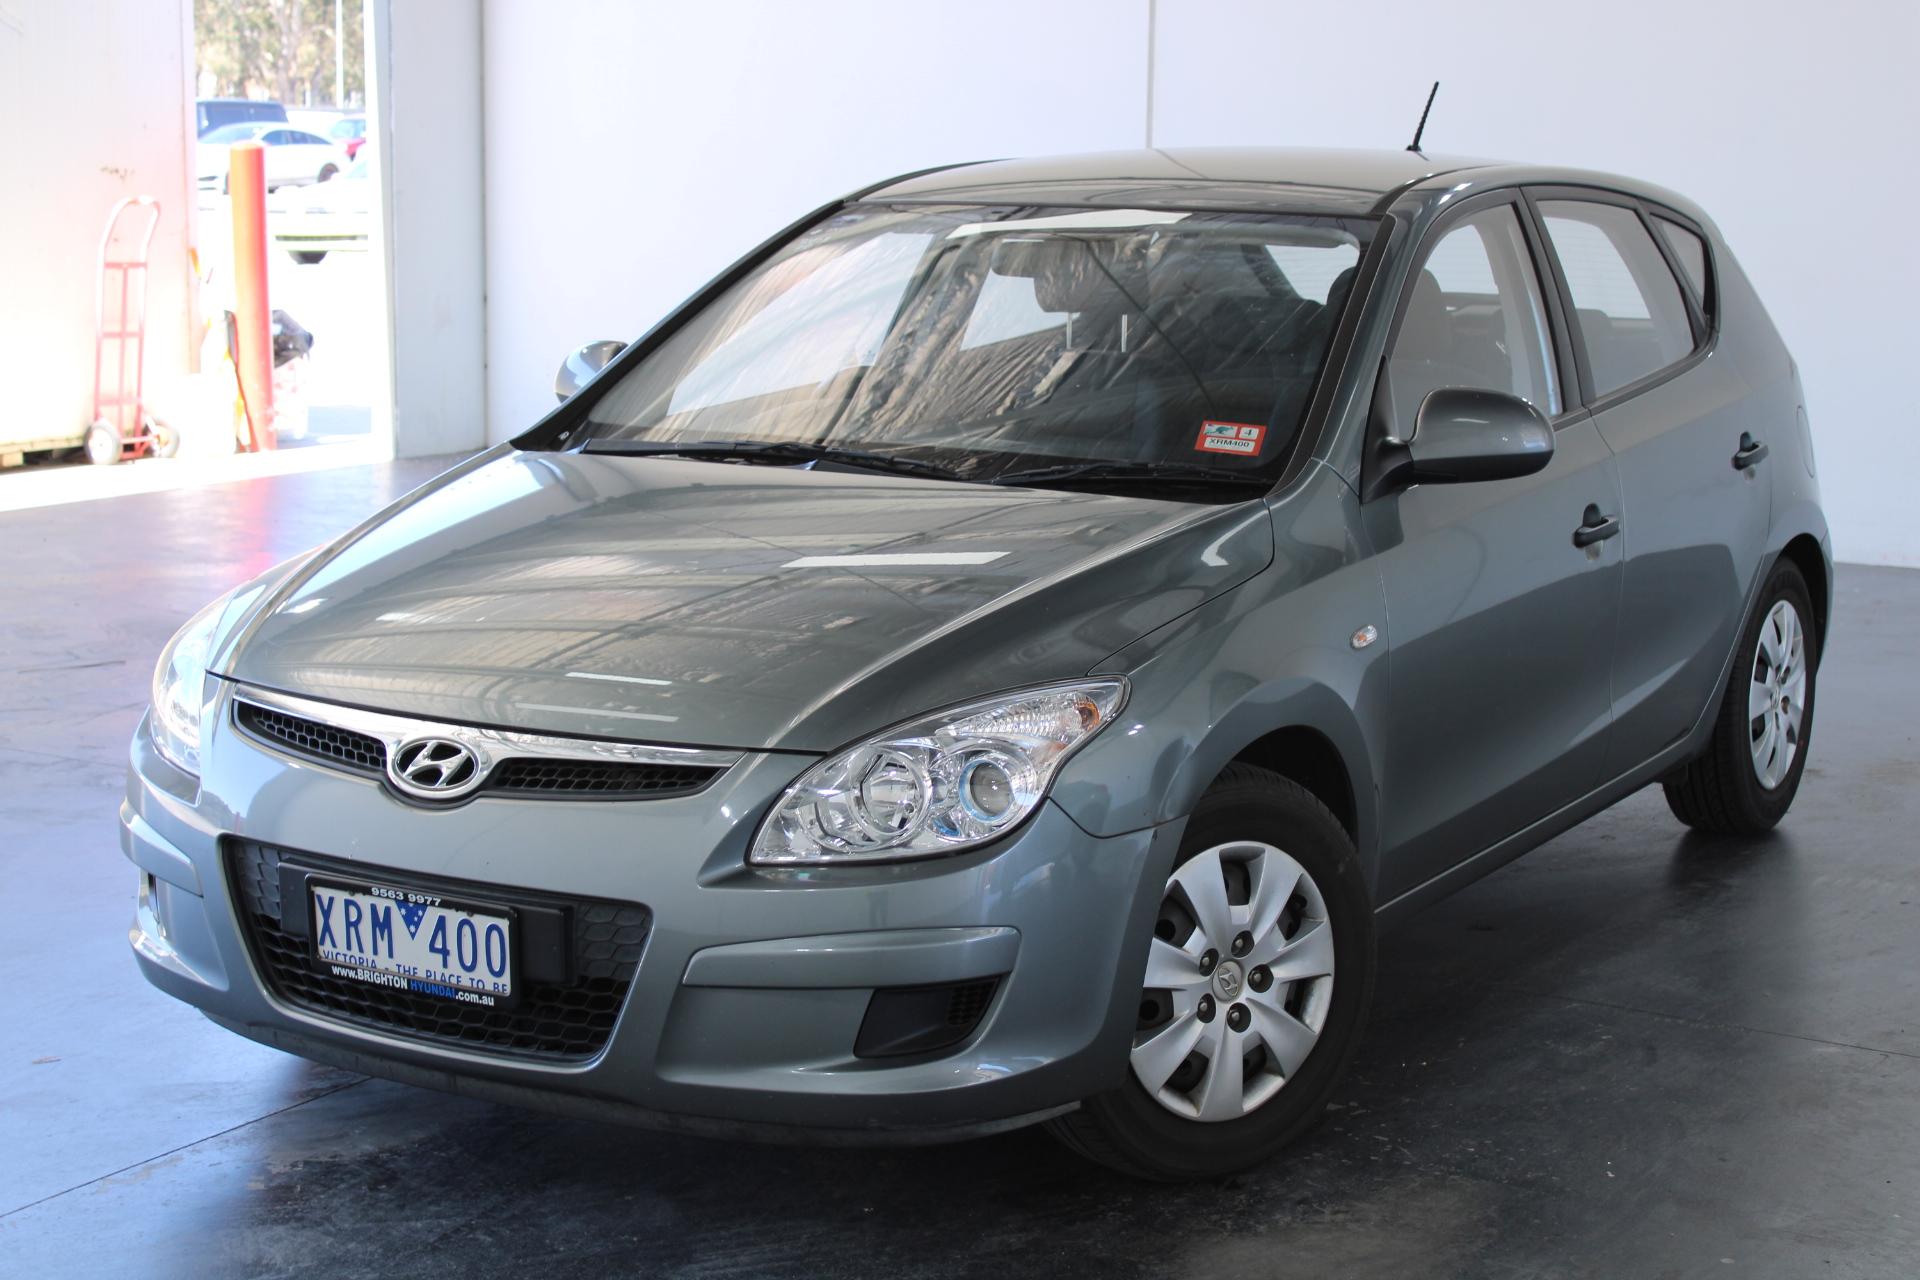 2010 Hyundai i30 SX 1.6 CRDi FD Turbo Diesel Manual Hatchback